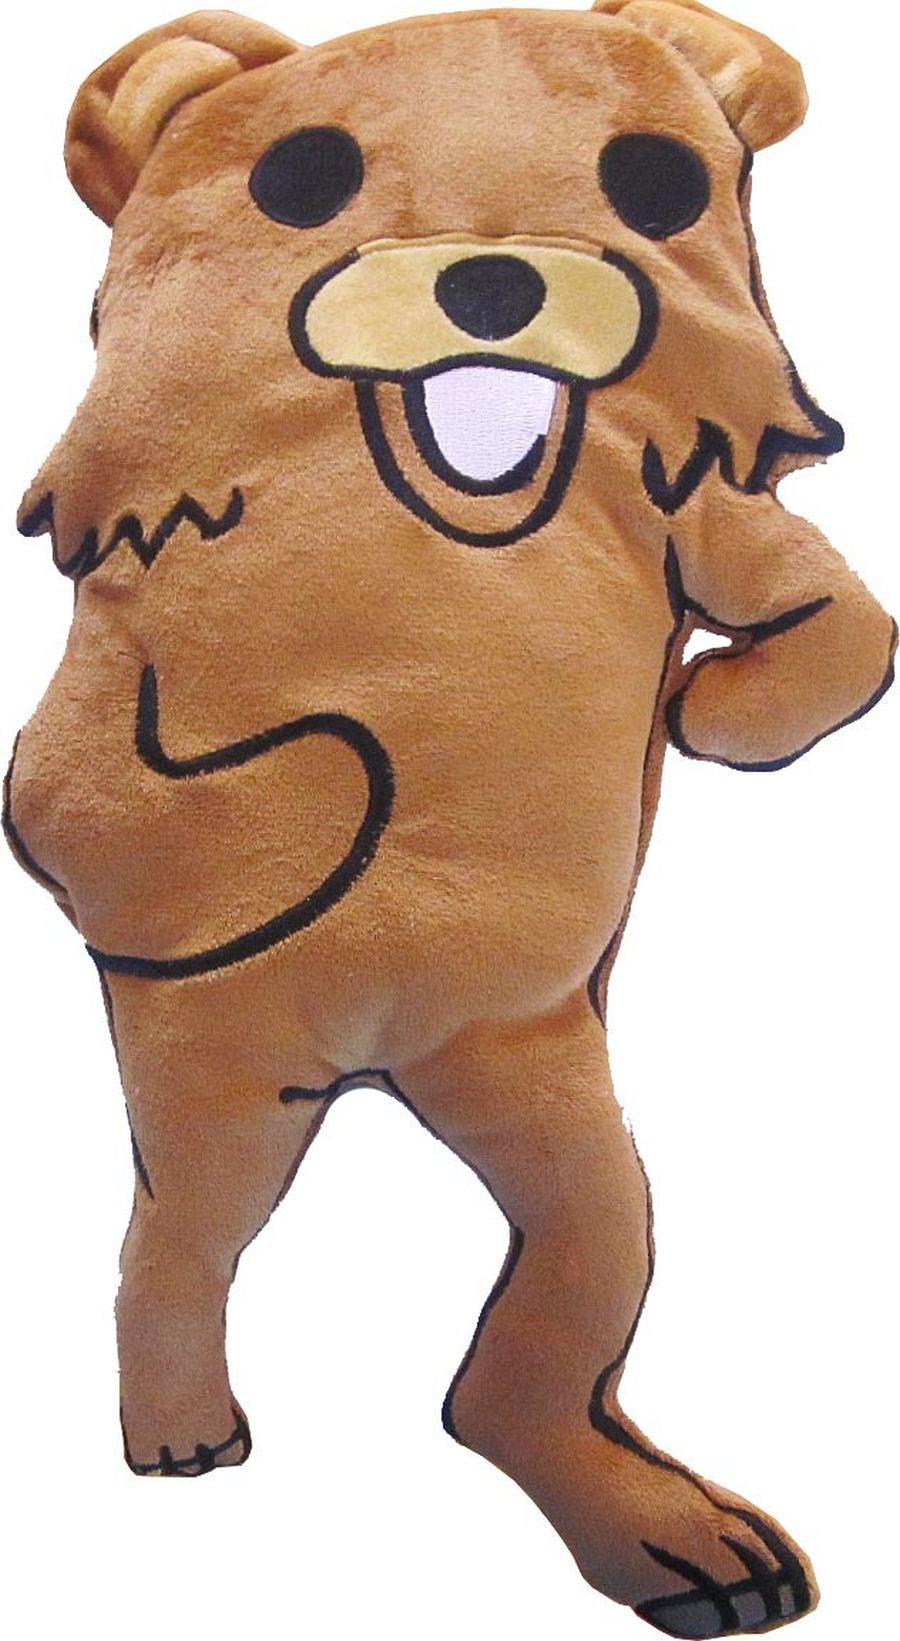 pedobaer_kissen_pedo_baer_shop_plush_pillow_cushion_teddy moodrush pedobear plush cushion 9gag smiley marina joyce meme